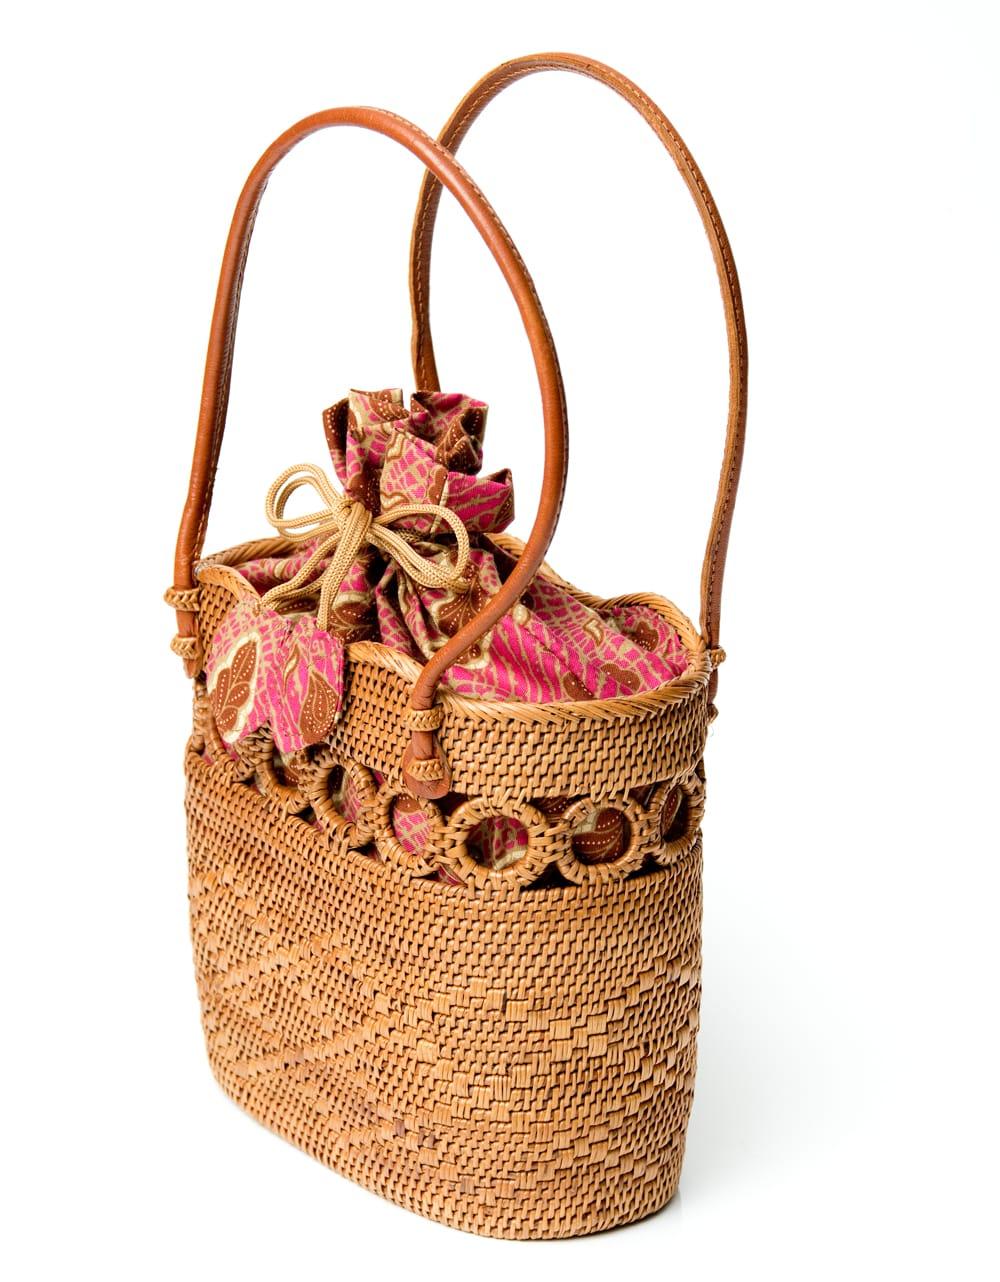 アタかご 巾着バッグ ココナッツボタン付き 発祥の地トゥガナン村で手作り【約19cm x 19.5cm】 3 - サイドからの写真です